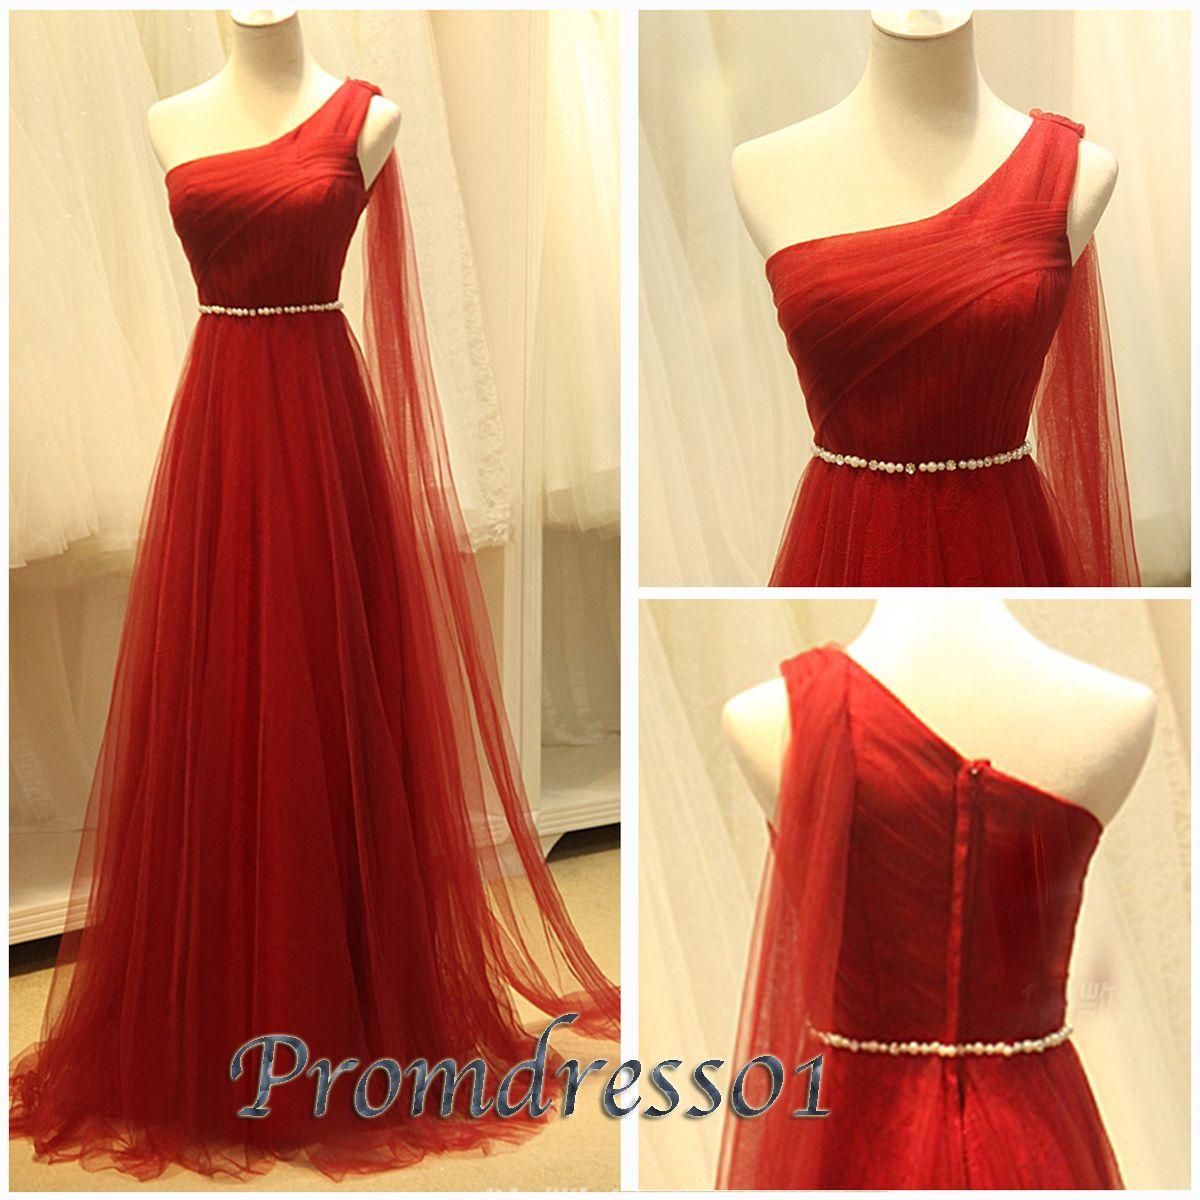 Promdress elegant wine red tulle oneshoulder belt modest pr